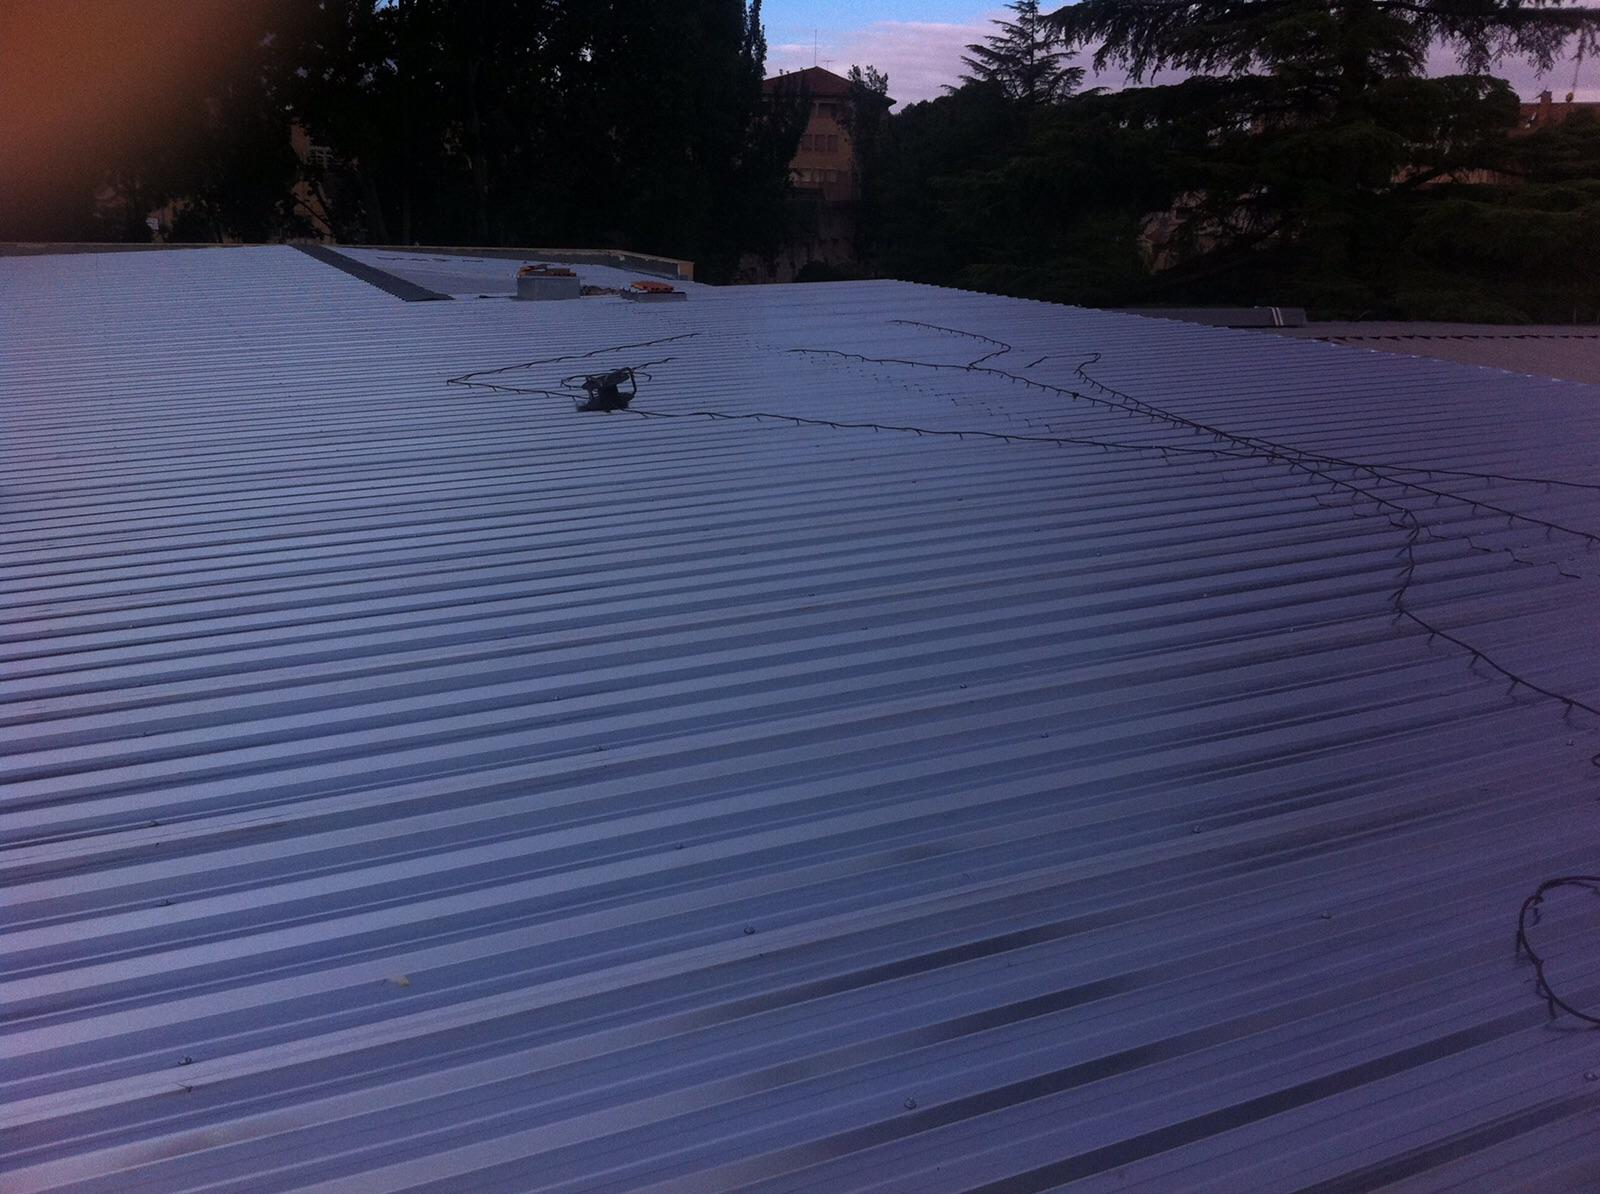 Doblado de cubierta de acero en una pieza de cumbrera a canalón. Colegio Montearagon Zaragoza